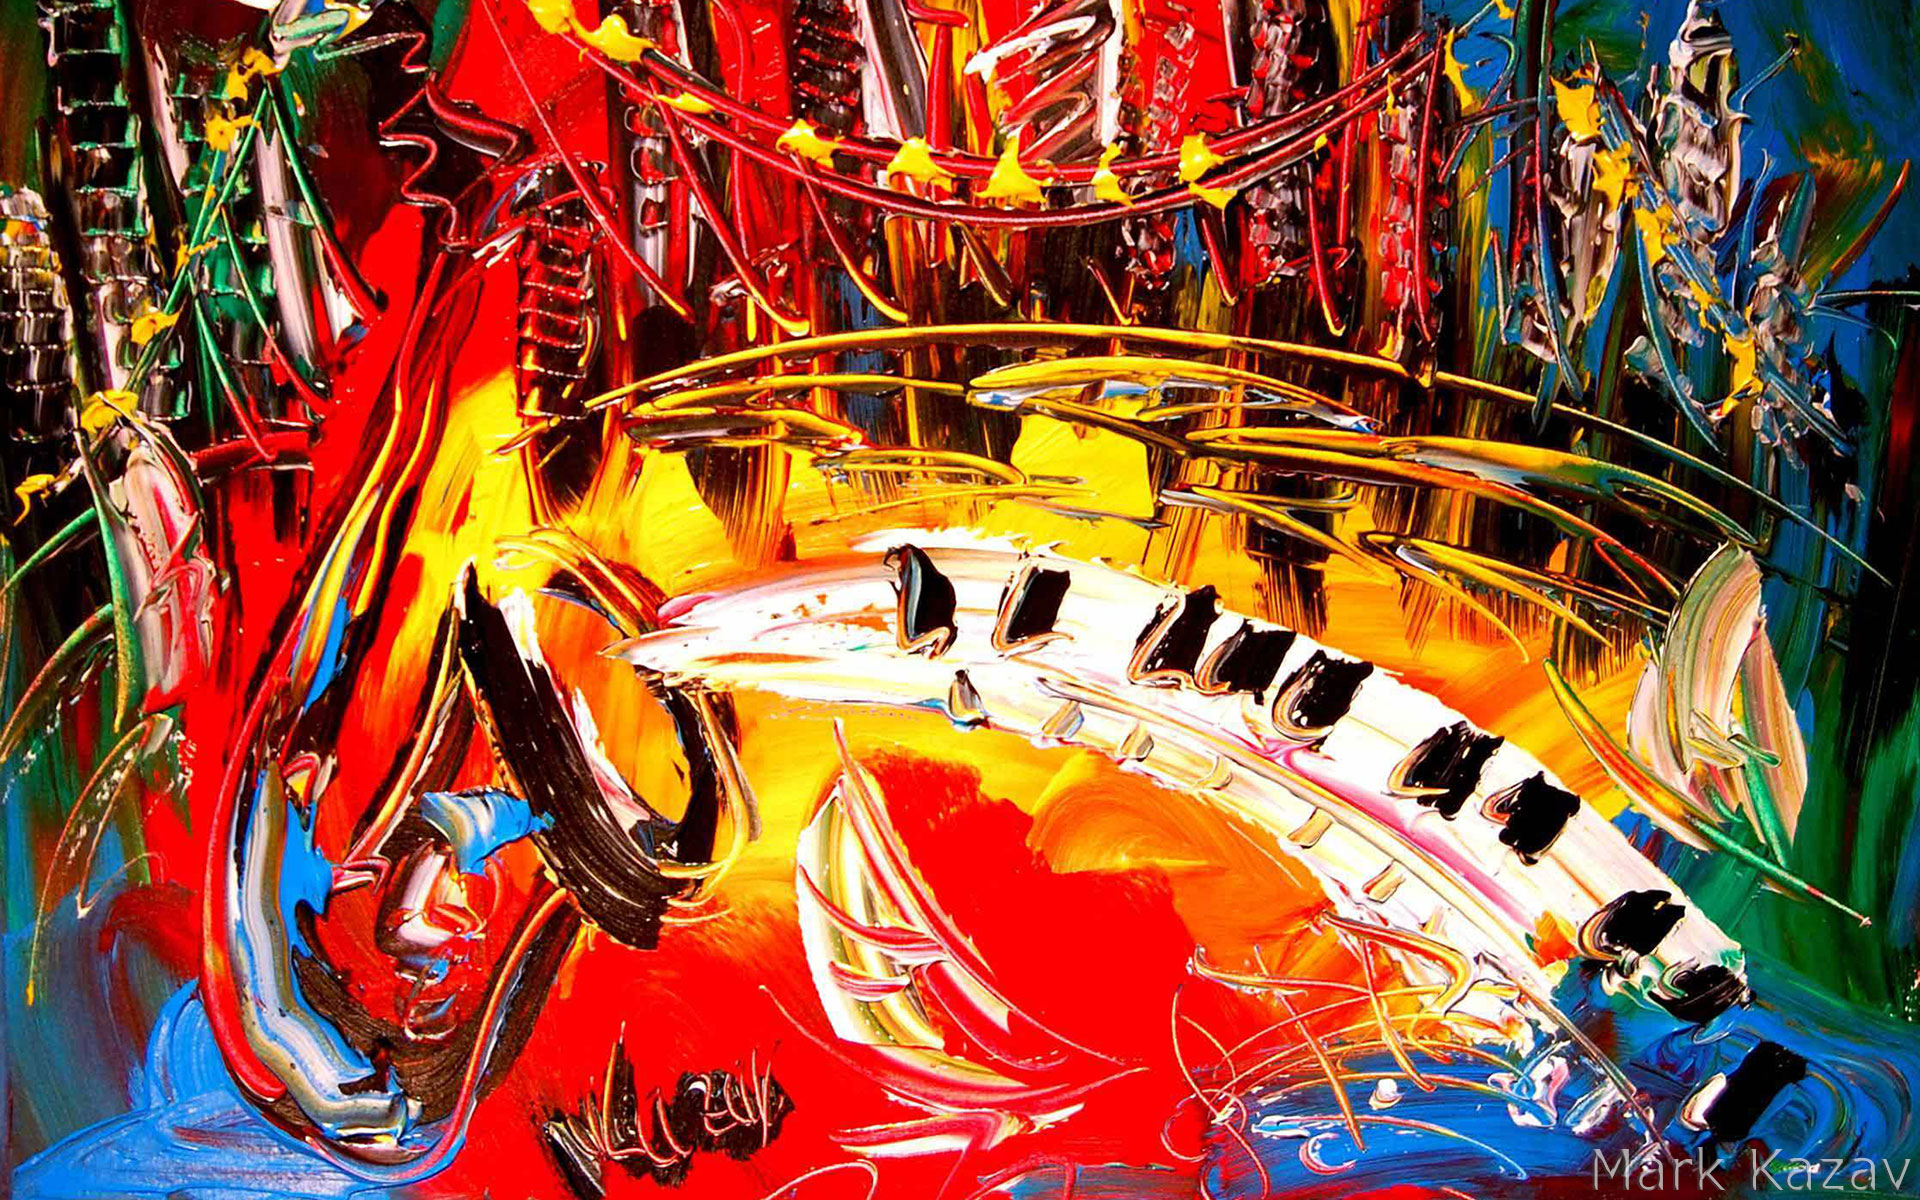 Vientos, teclado, percusión y cuerdas: El jazz que nos hace felices - Radio Cantilo